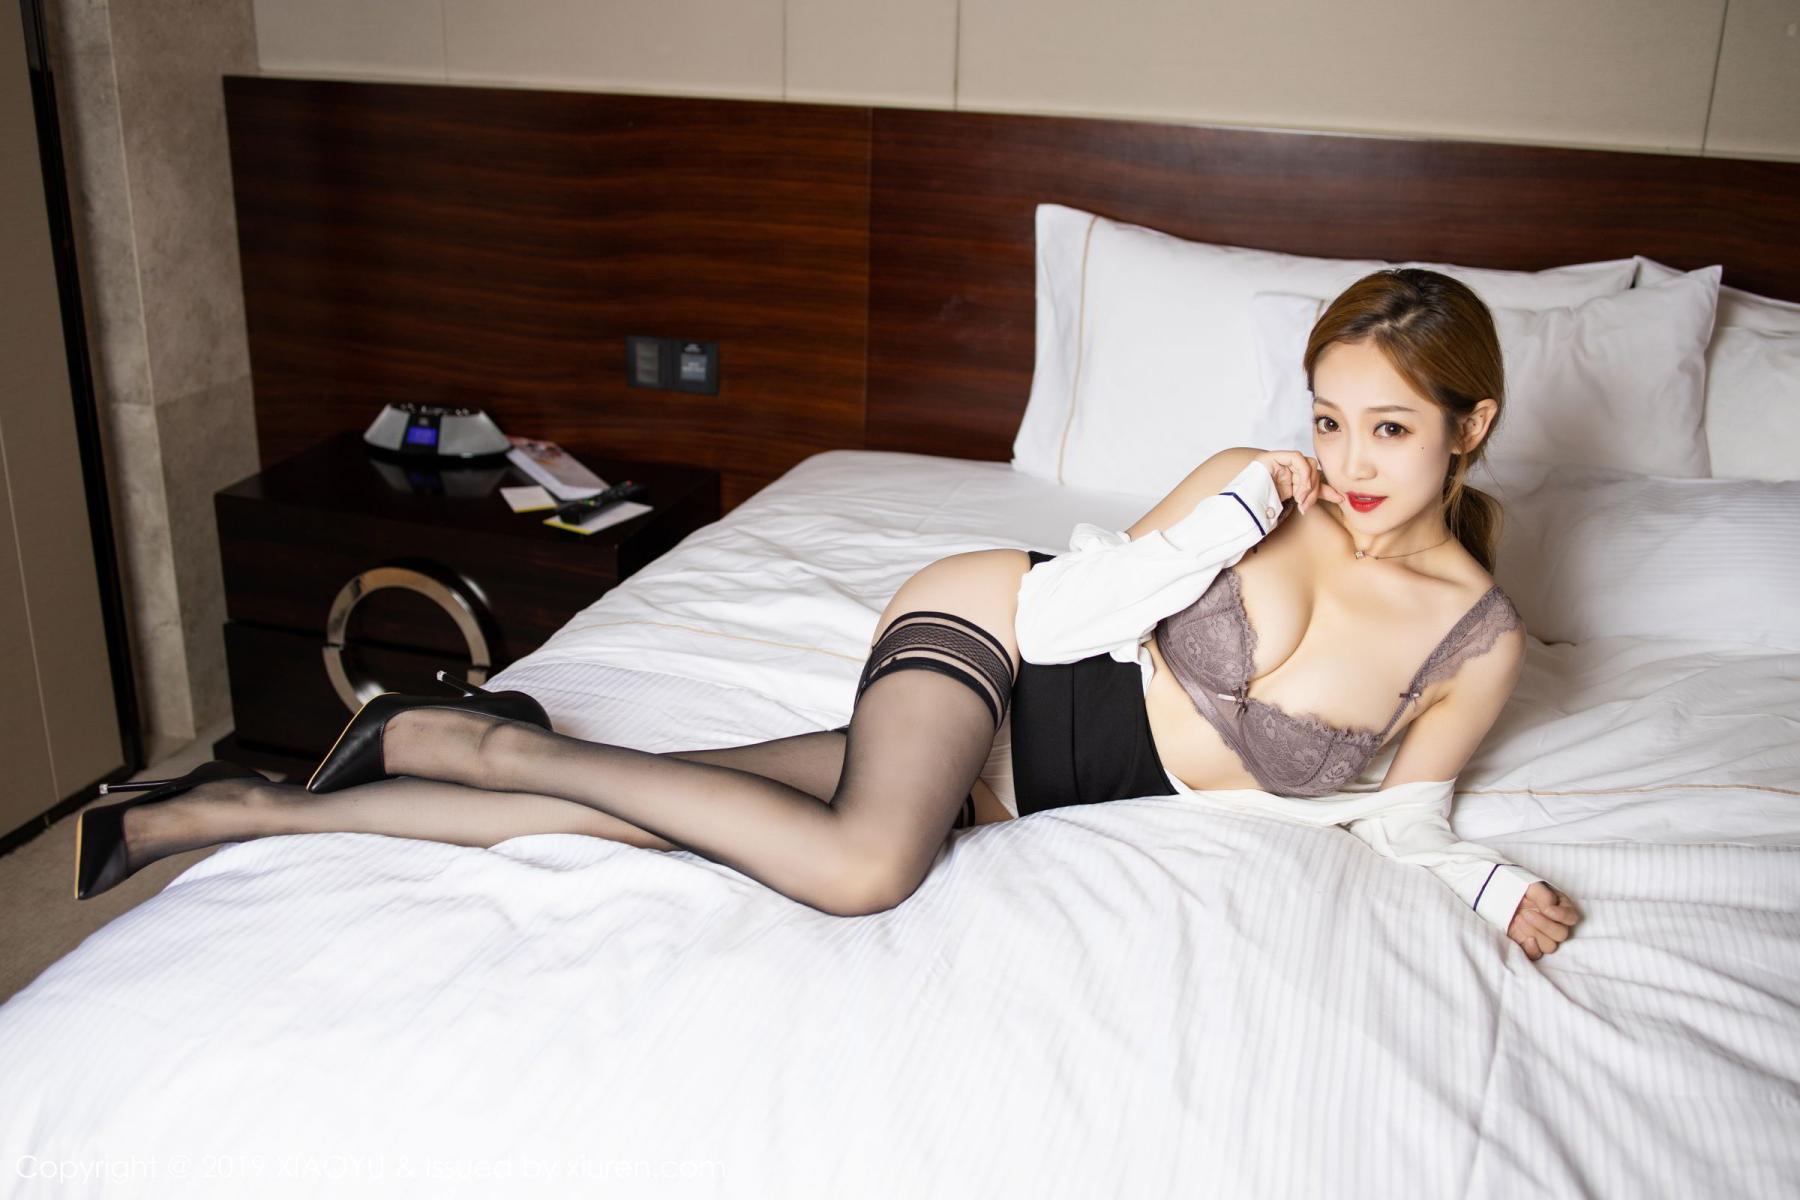 [XiaoYu] Vol.181 Yuner Claire 34P, Black Silk, Underwear, XiaoYu, Yuner Claire